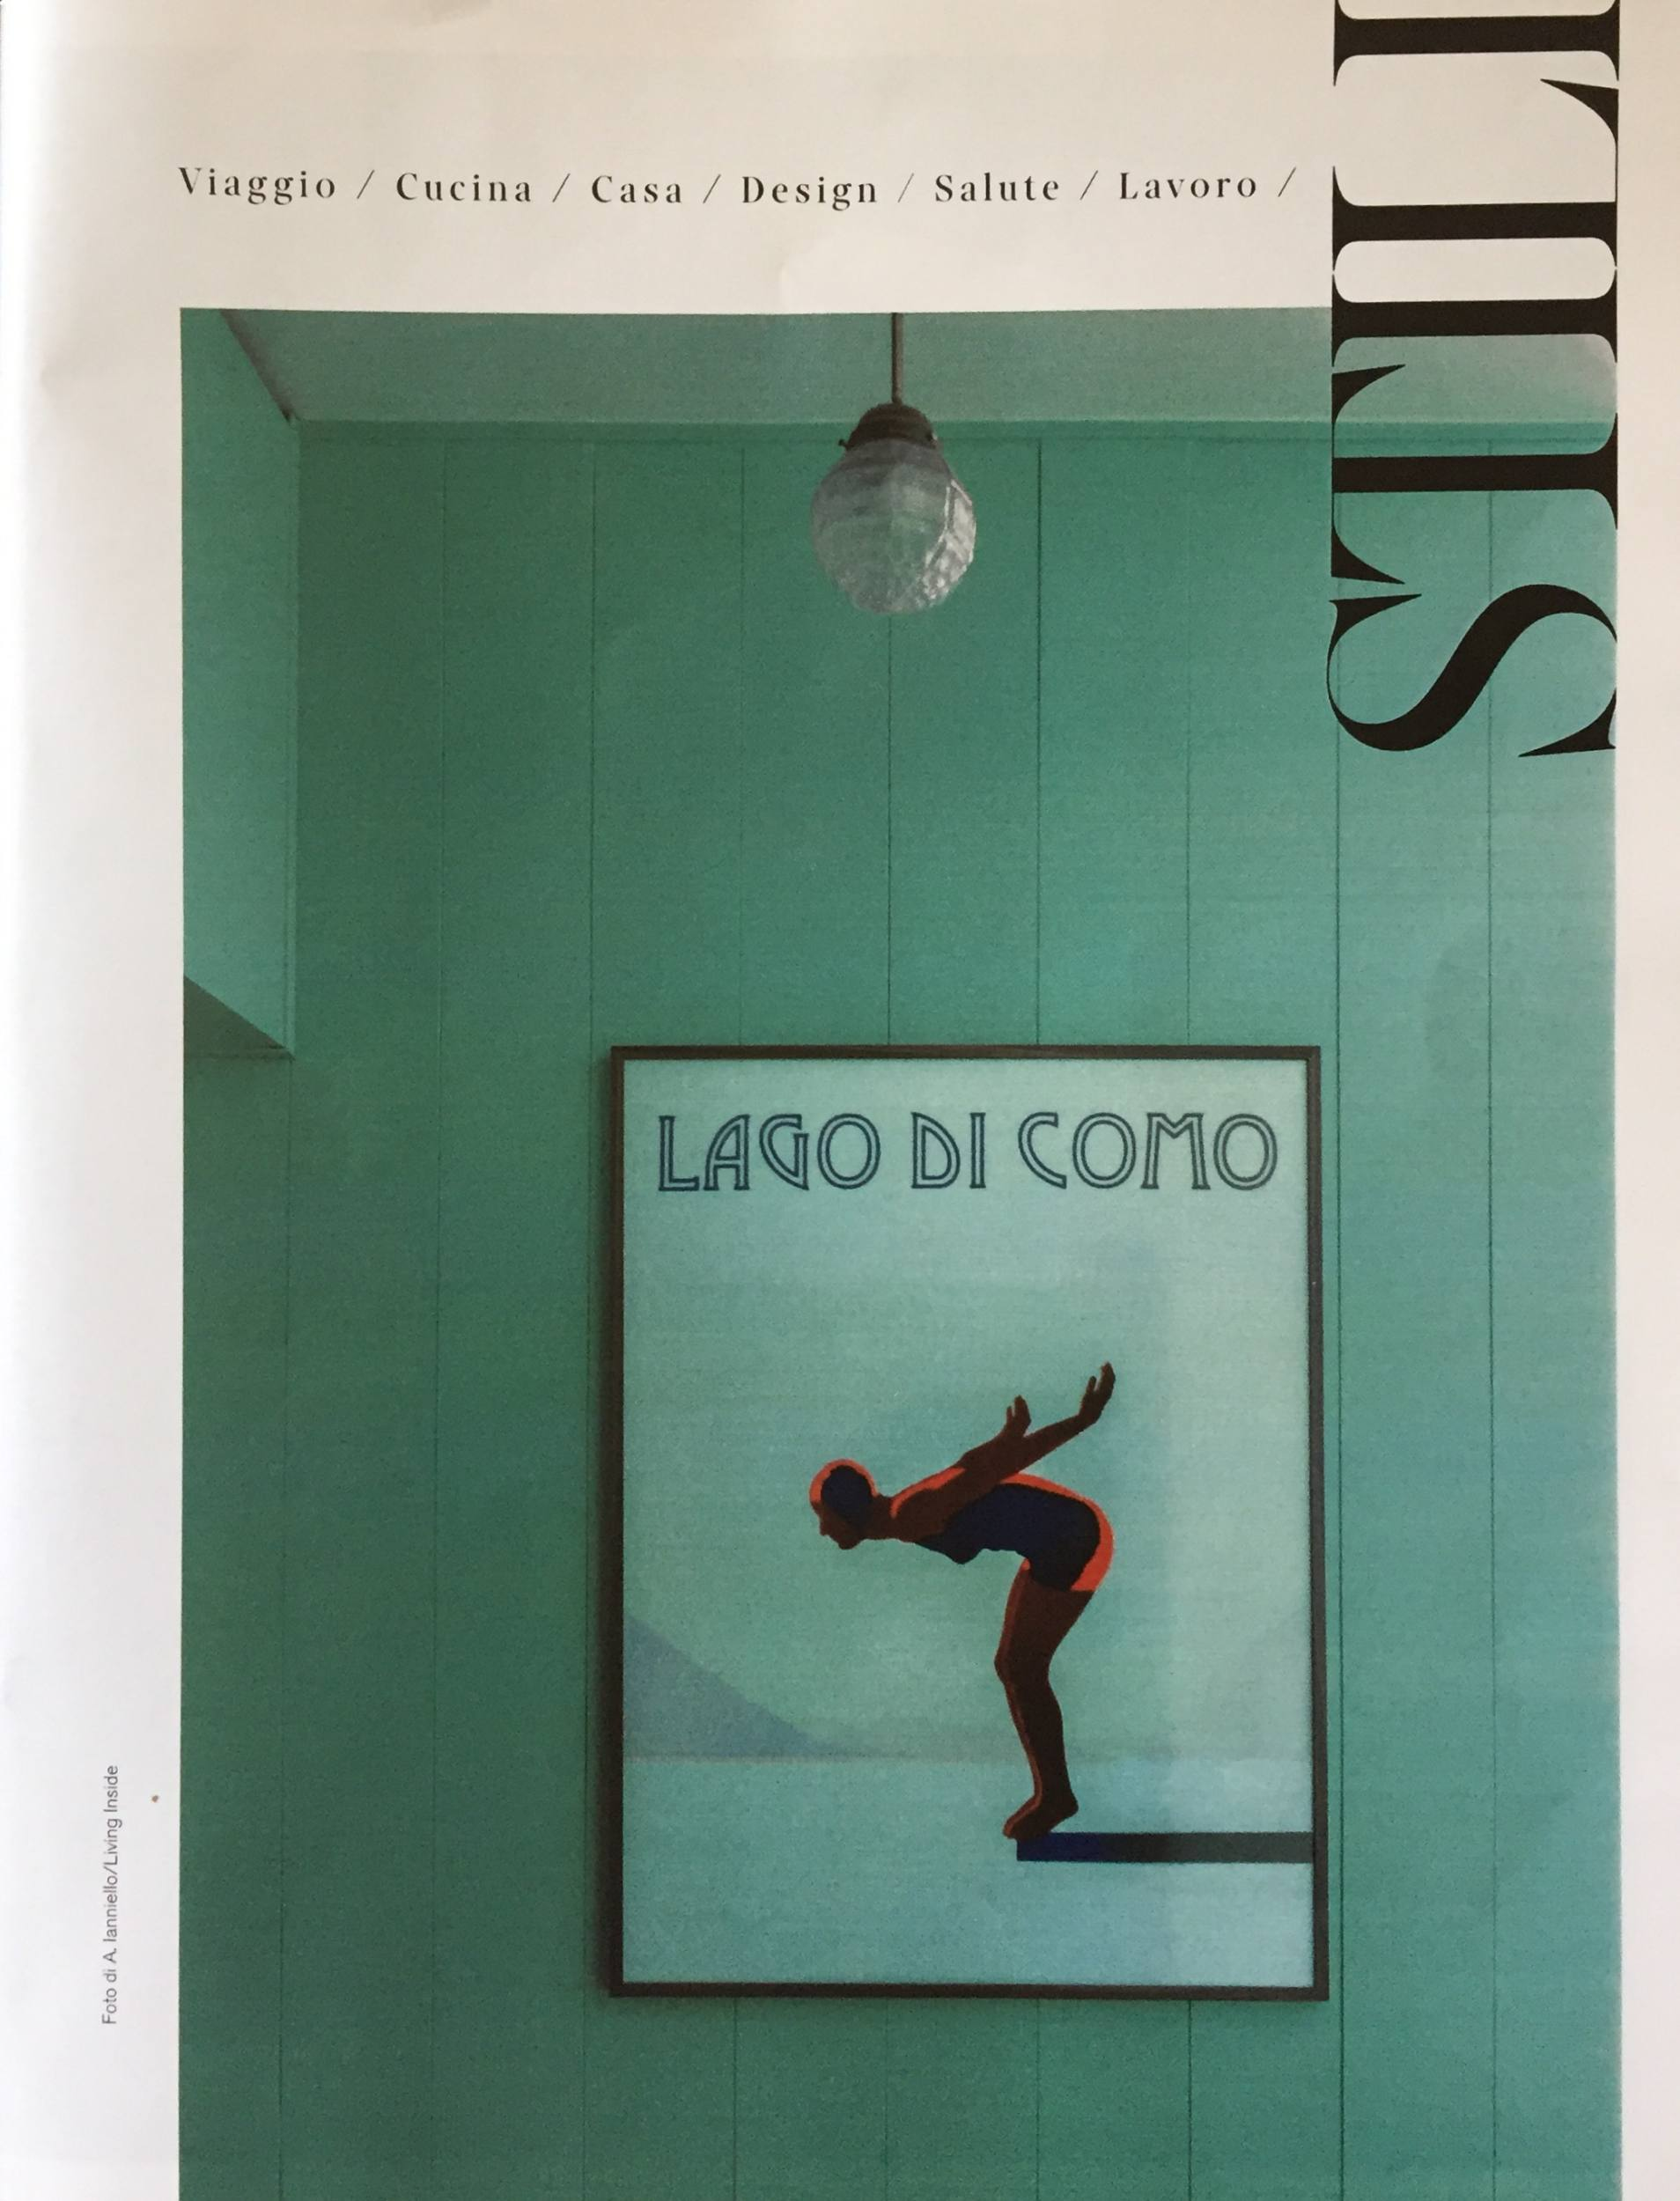 Julia Aulenbacher - Interiors +++ d la republica italia 1